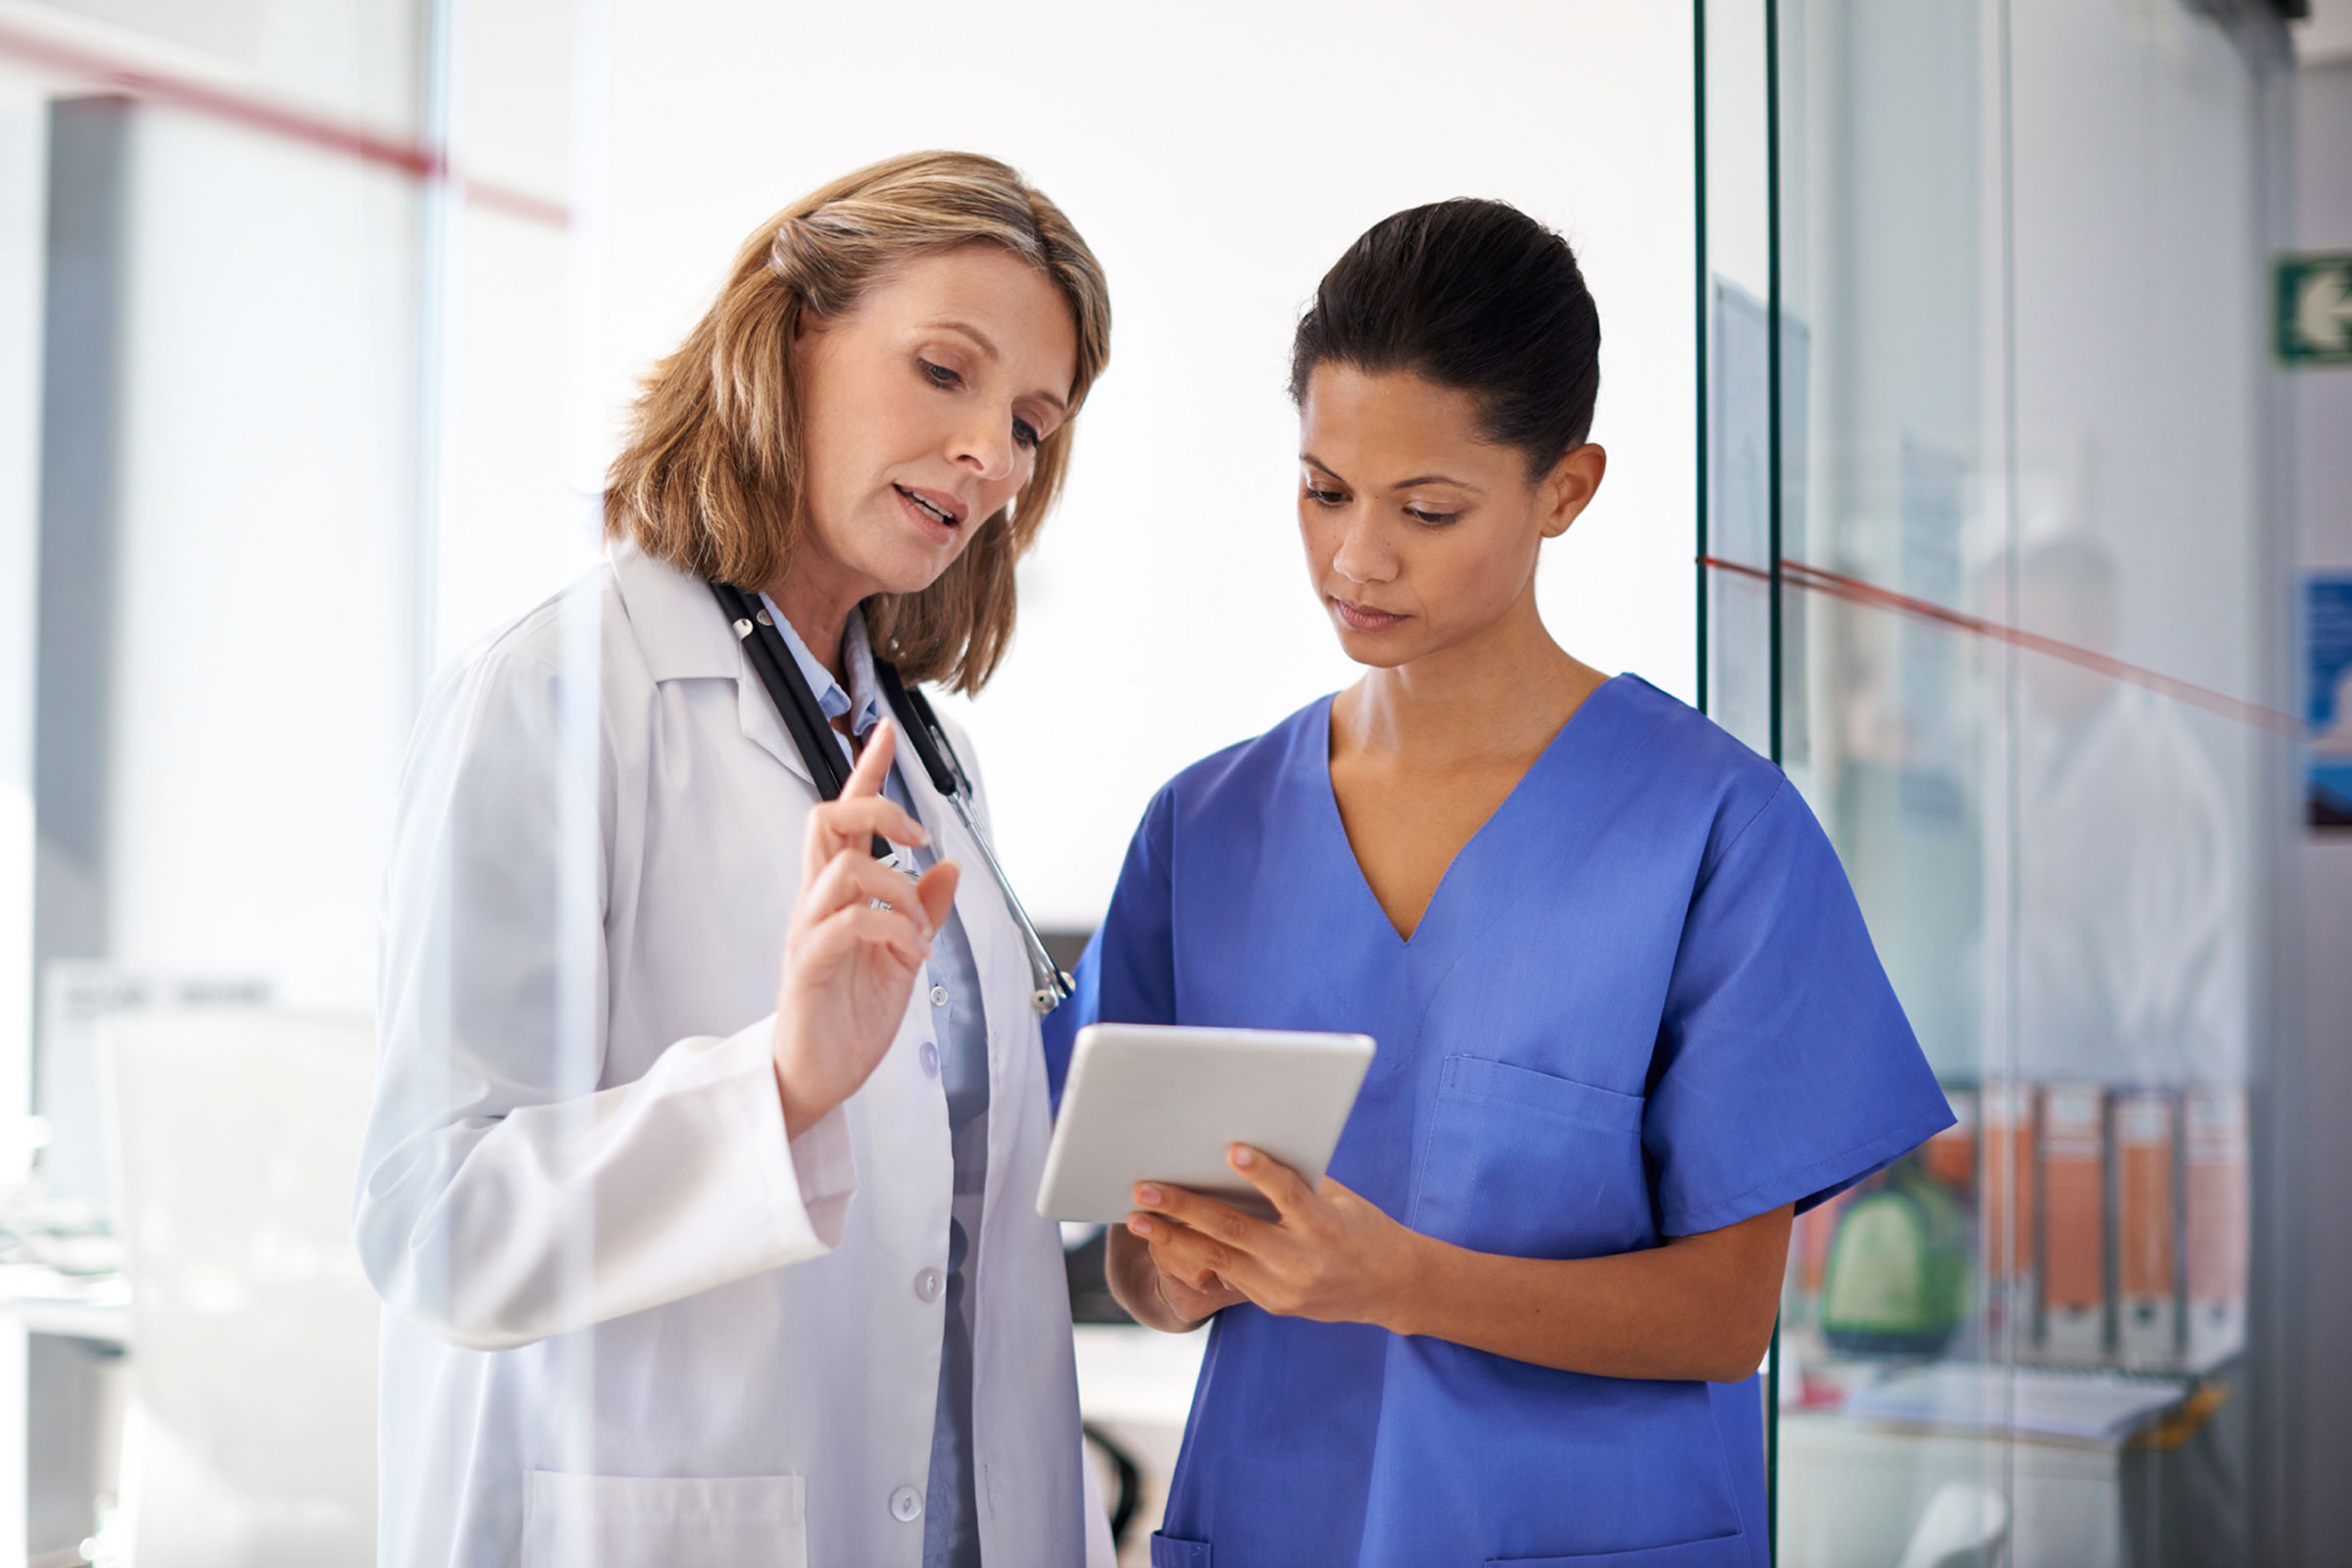 Arriva il Collaboratore Socio Sanitario: potrà somministrare farmaci